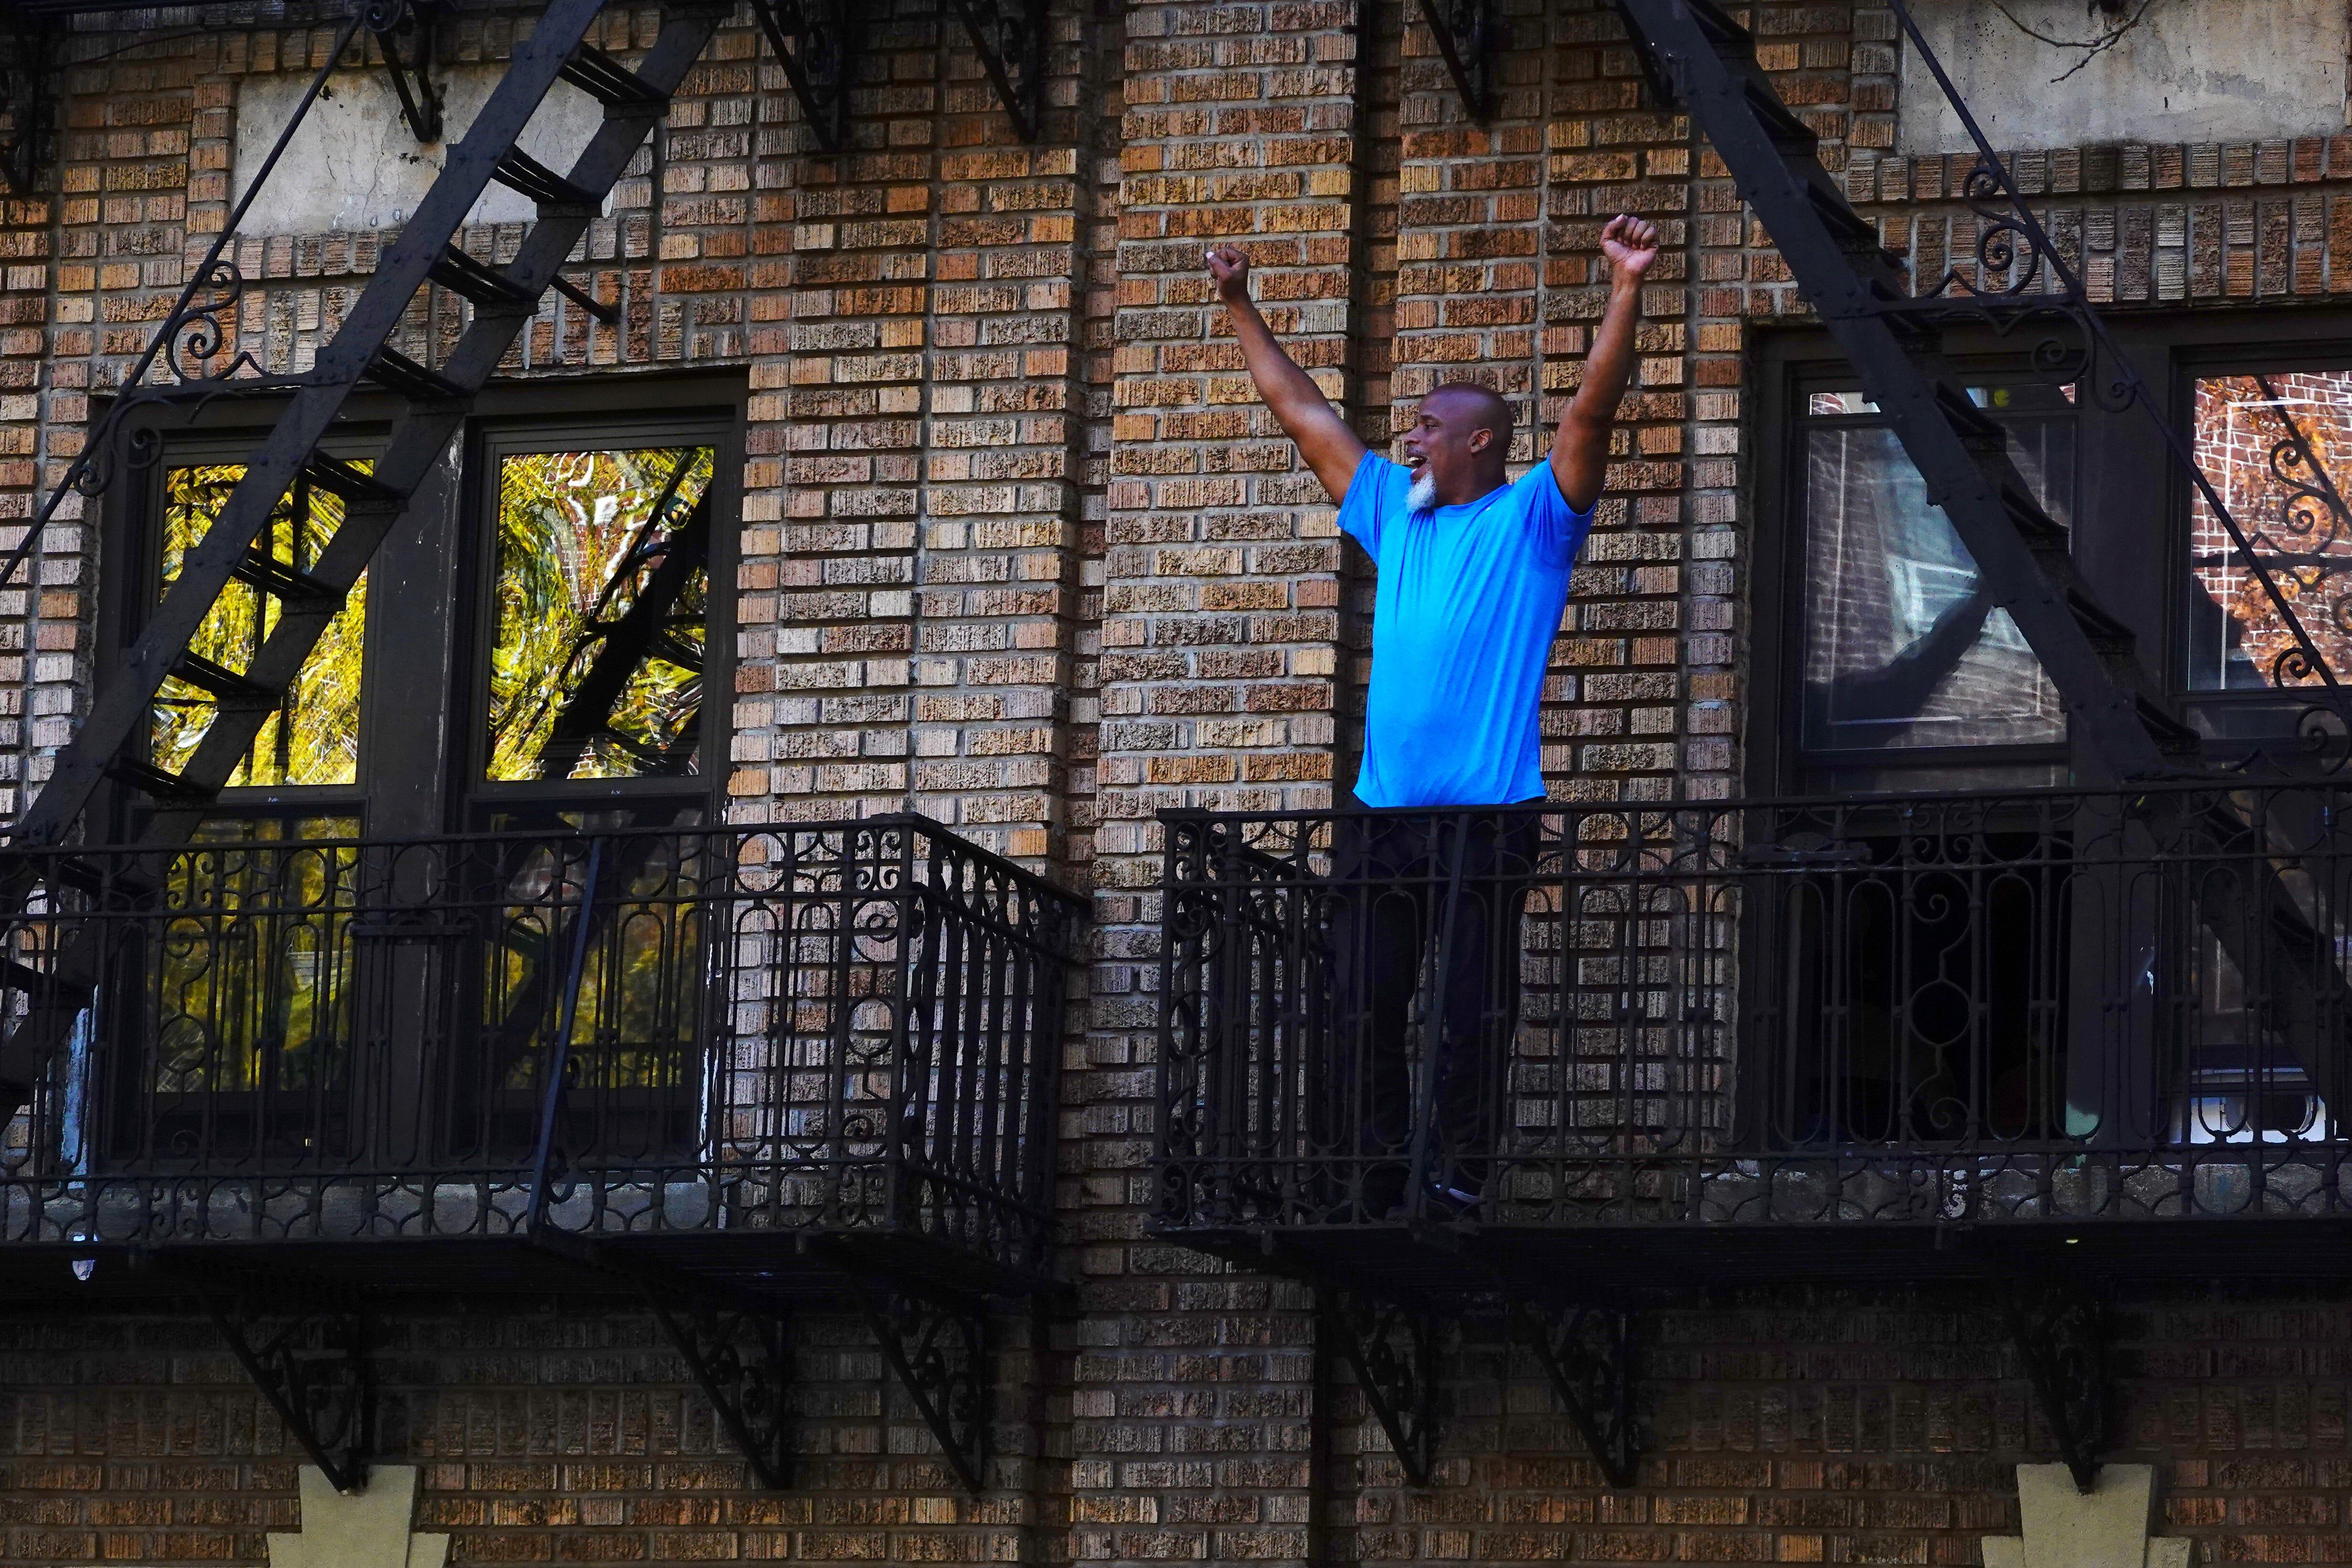 A man celebrates in the Flatbush neighborhood of Brooklyn after Joe Biden was declared winner.